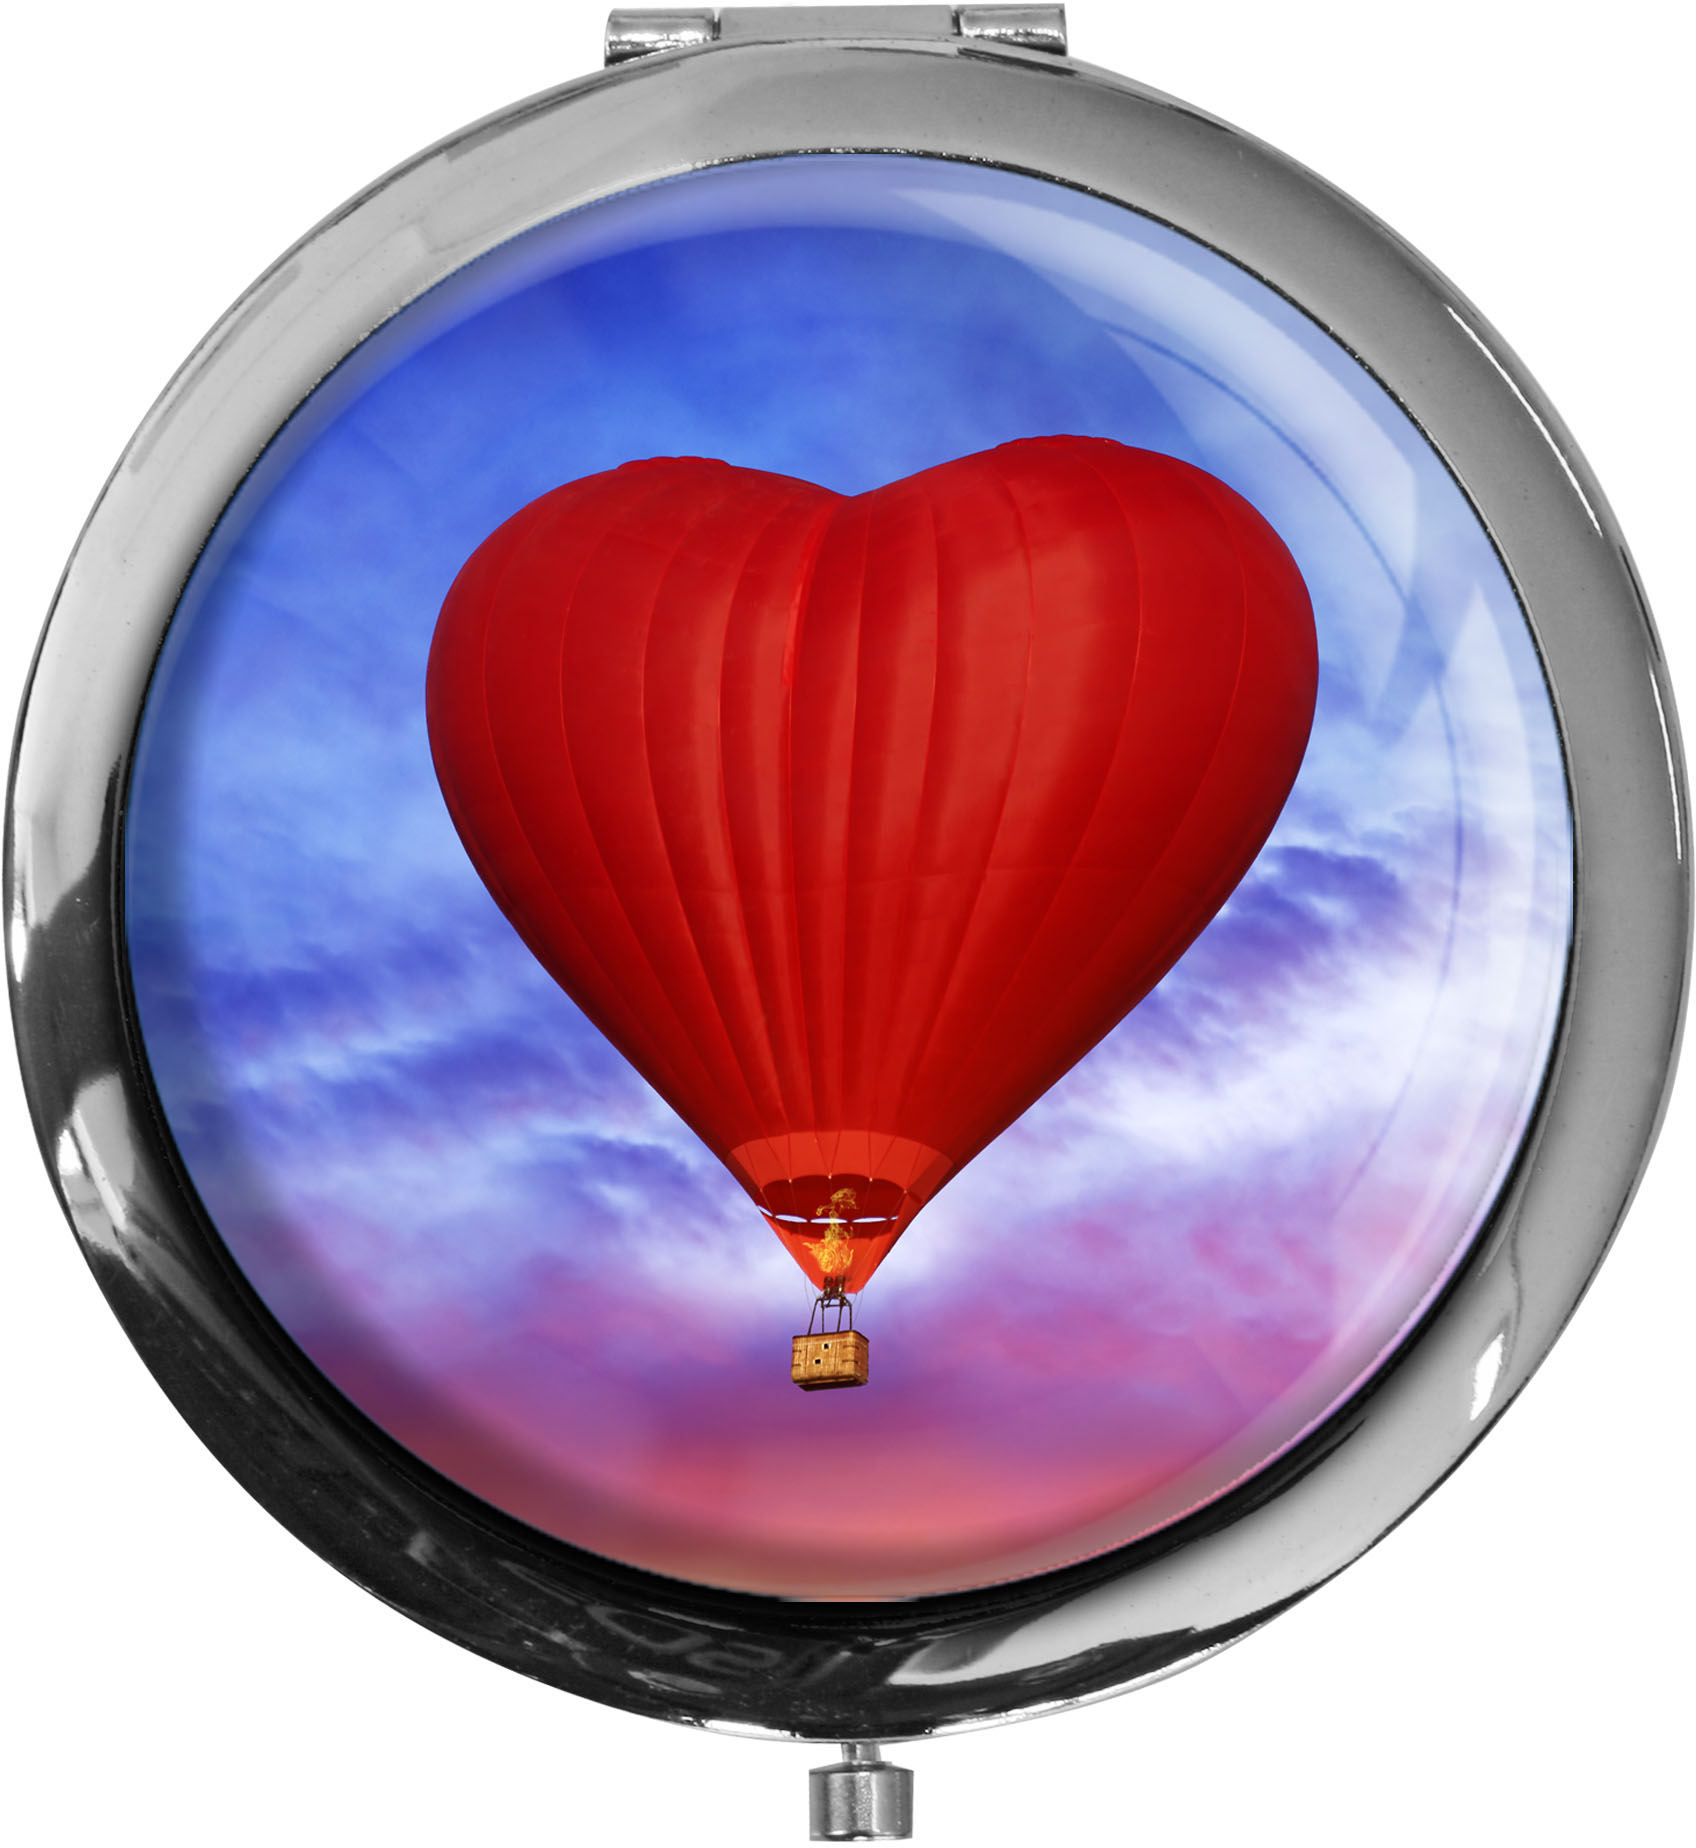 Taschenspiegel / Spiegel / Heißluftballon